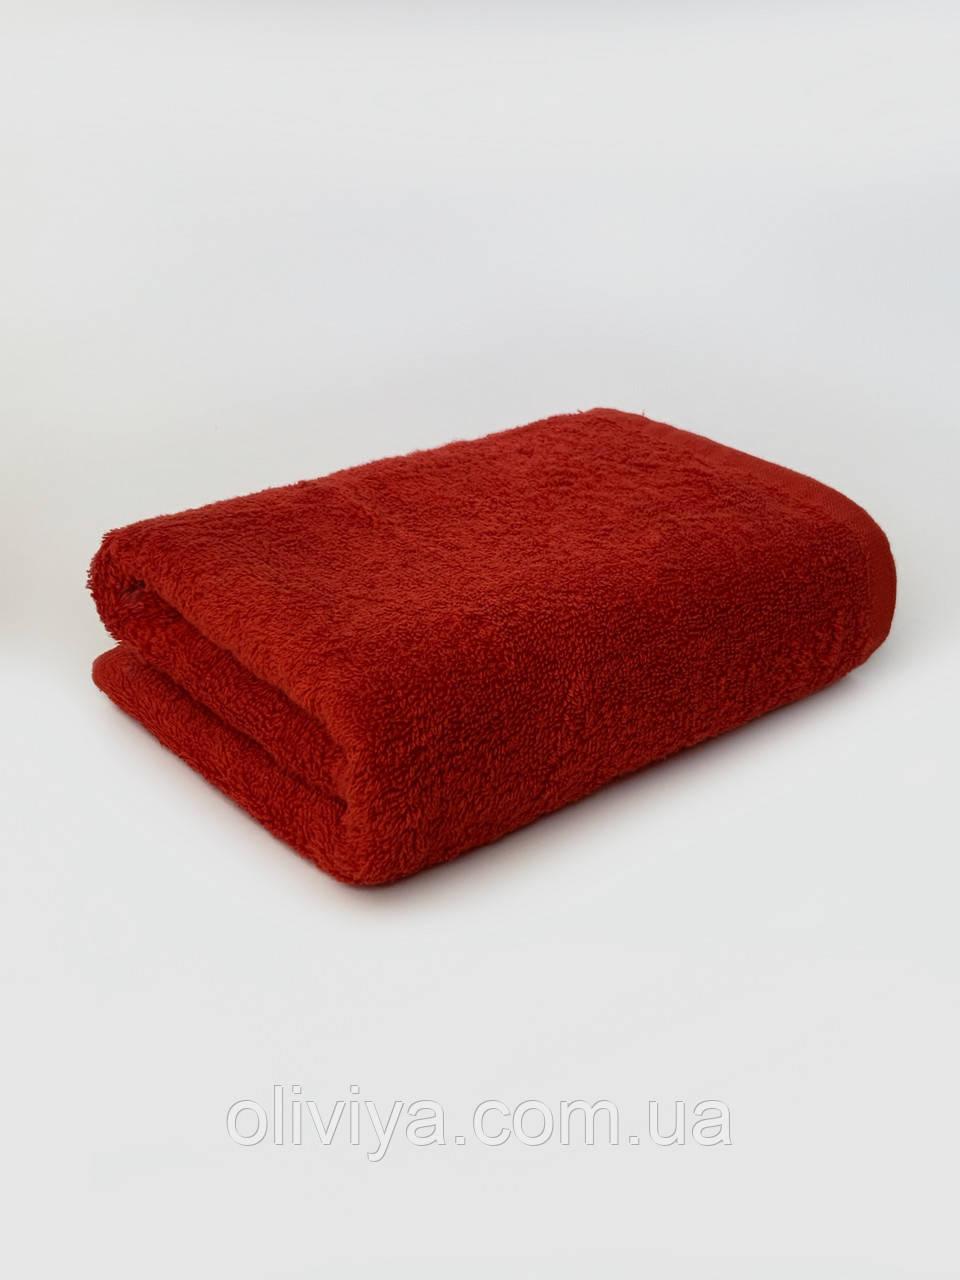 Мини-полотенце для рук красный